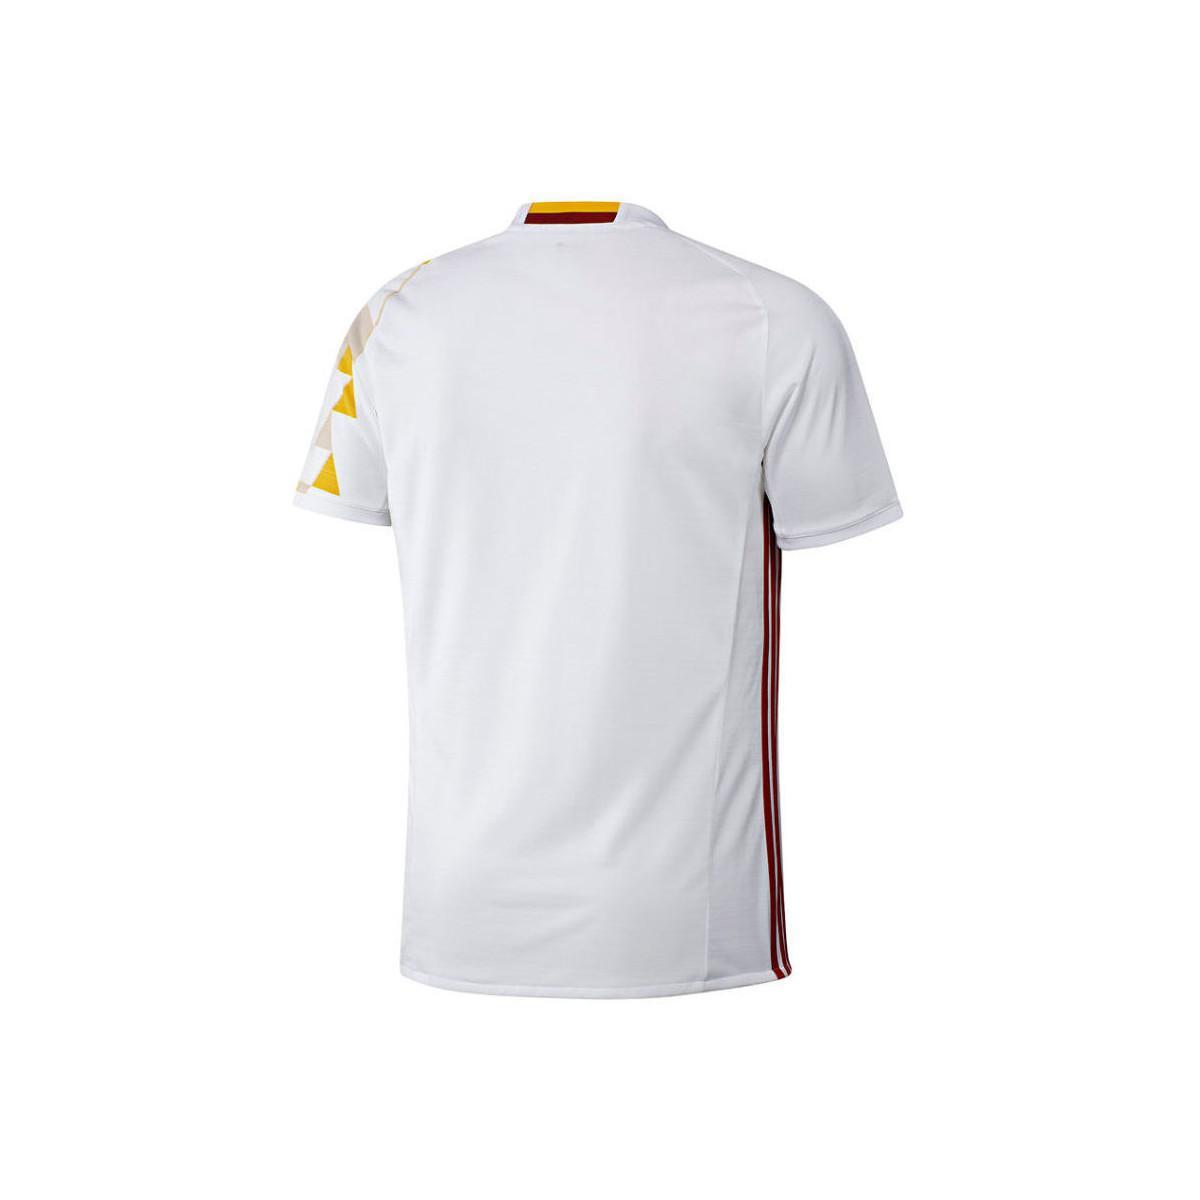 Adidas - 2016-2017 Spain Away Shirt (diego Costa 19) - Kids Men s. View  fullscreen 5bd25ec7d